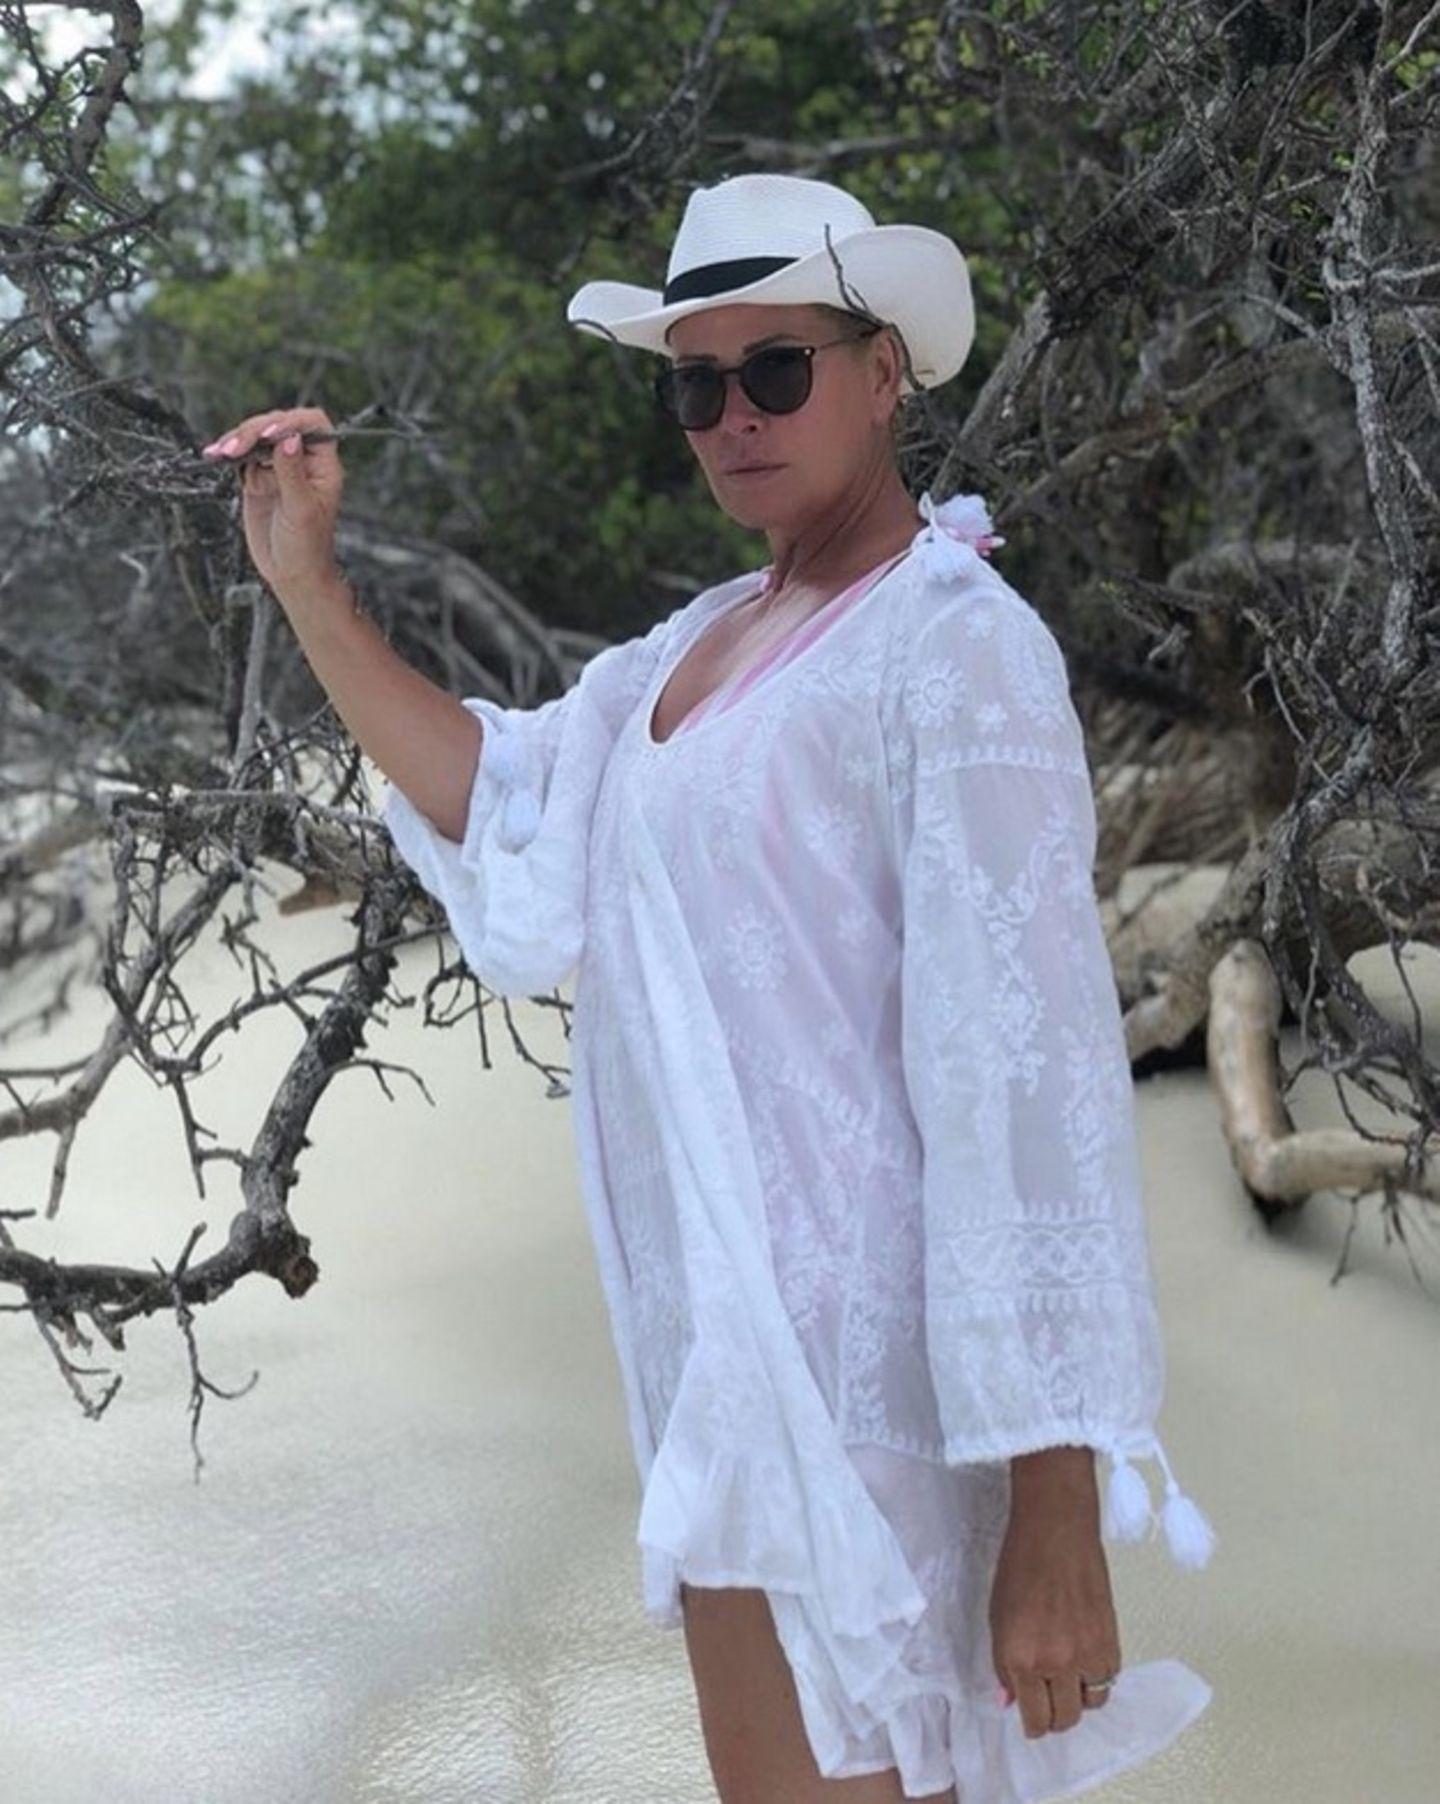 Denn auf diesem Foto von Claudia Effenberg ein paar Tage zuvor, sieht man selbst unter der weiten Tunika deutlich ein paarmehr Kilos.